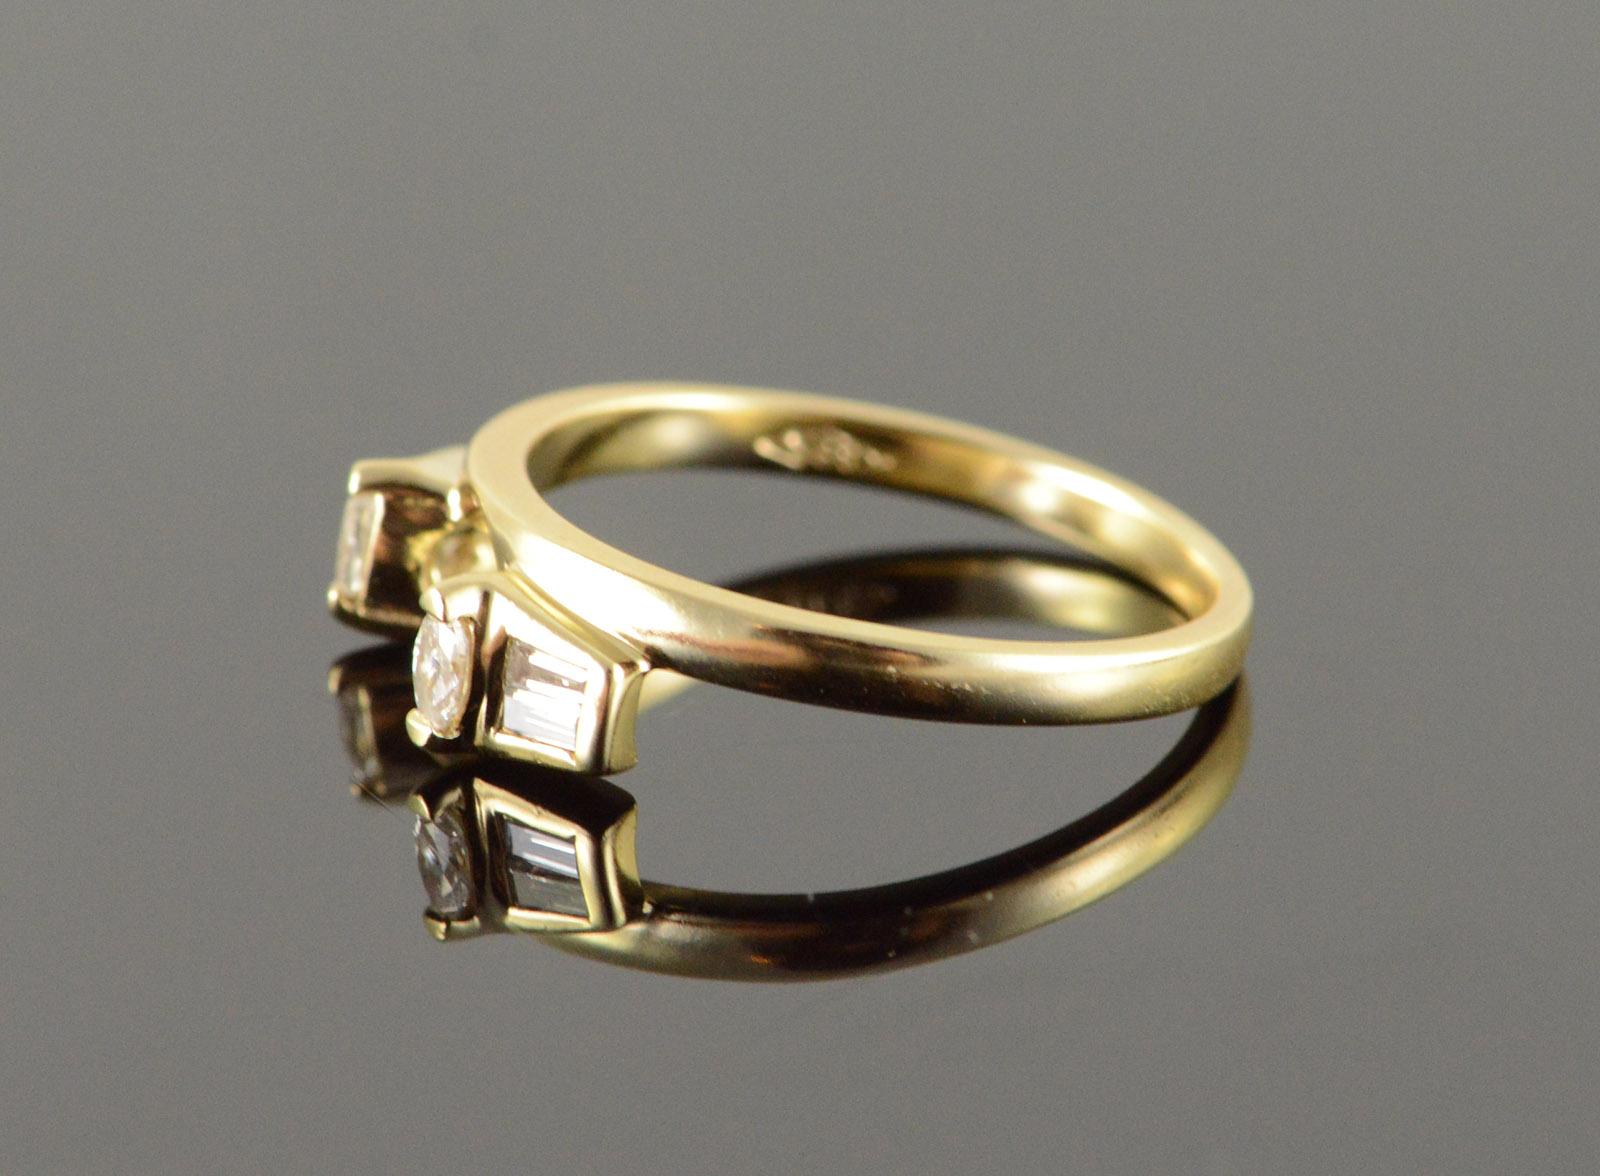 rose gold wedding ring guard wedding ring guard Rose Gold Wedding Ring Guard